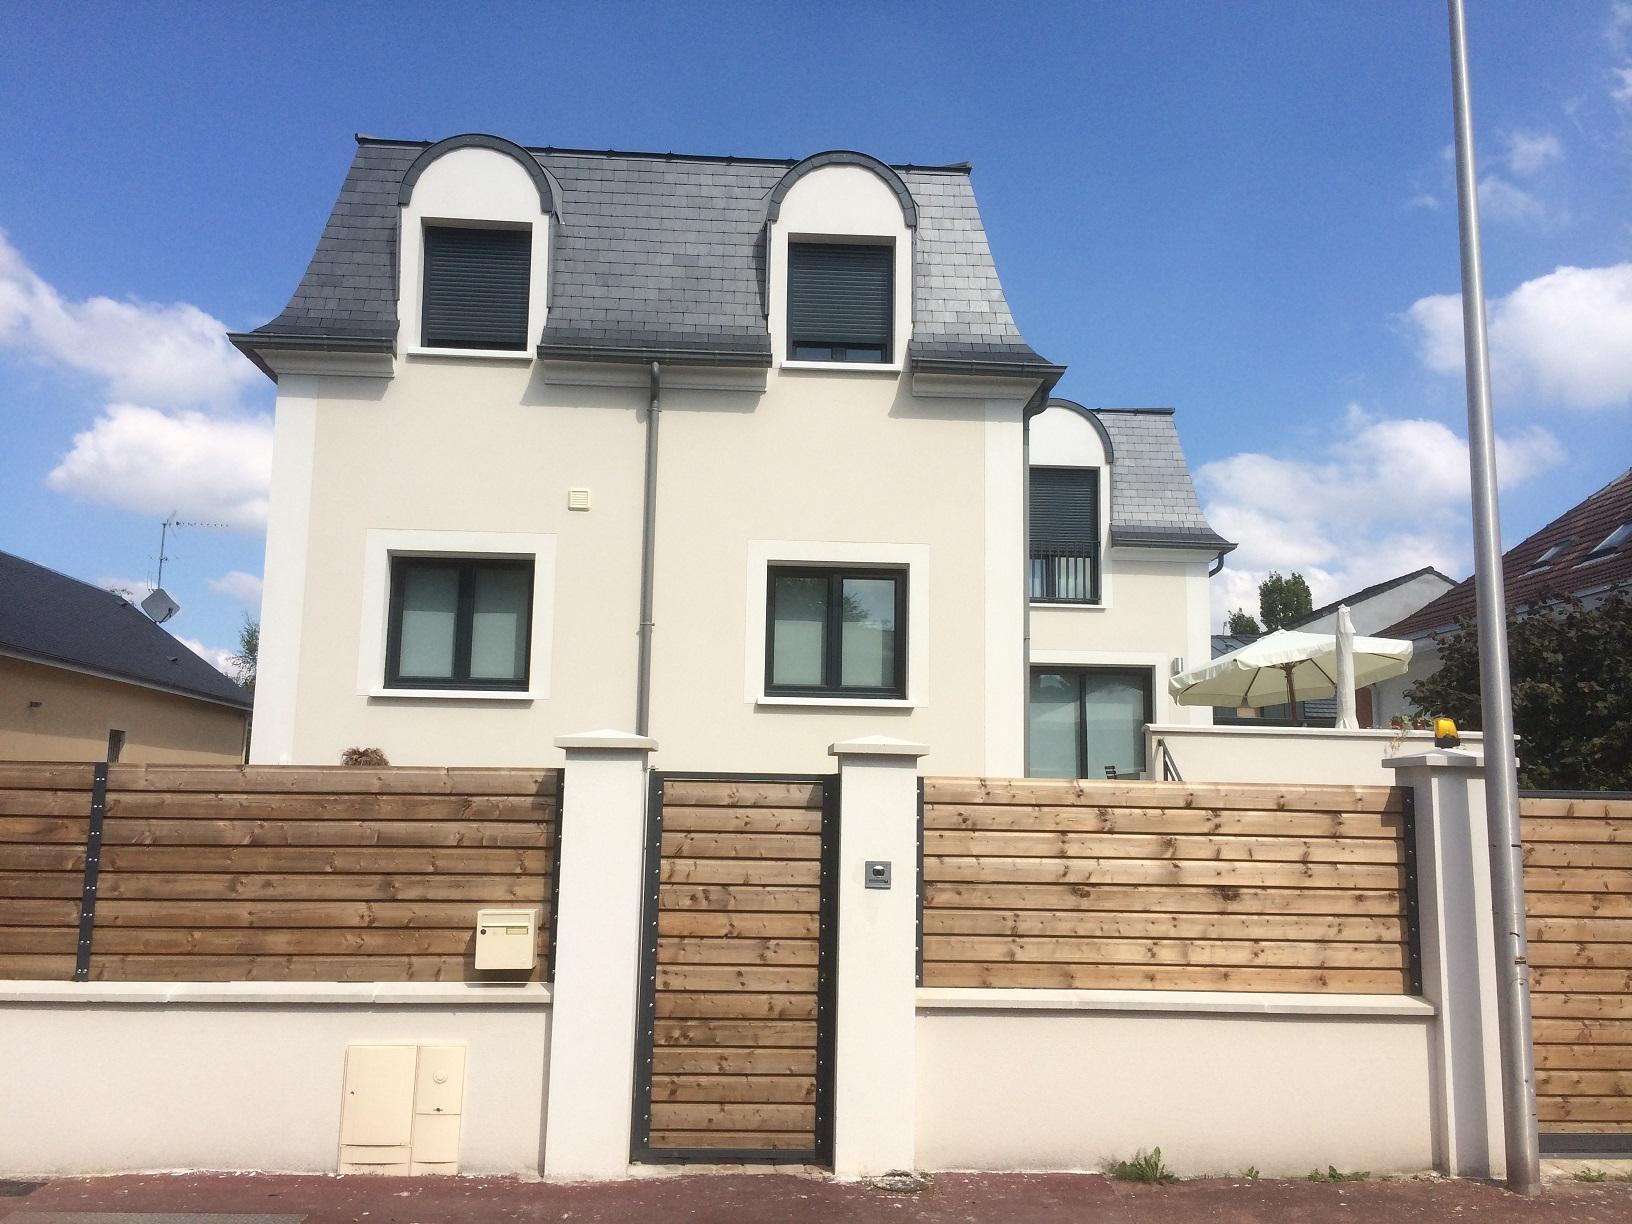 Image Principale - Maison individuelle à Croissy-sur-Seine